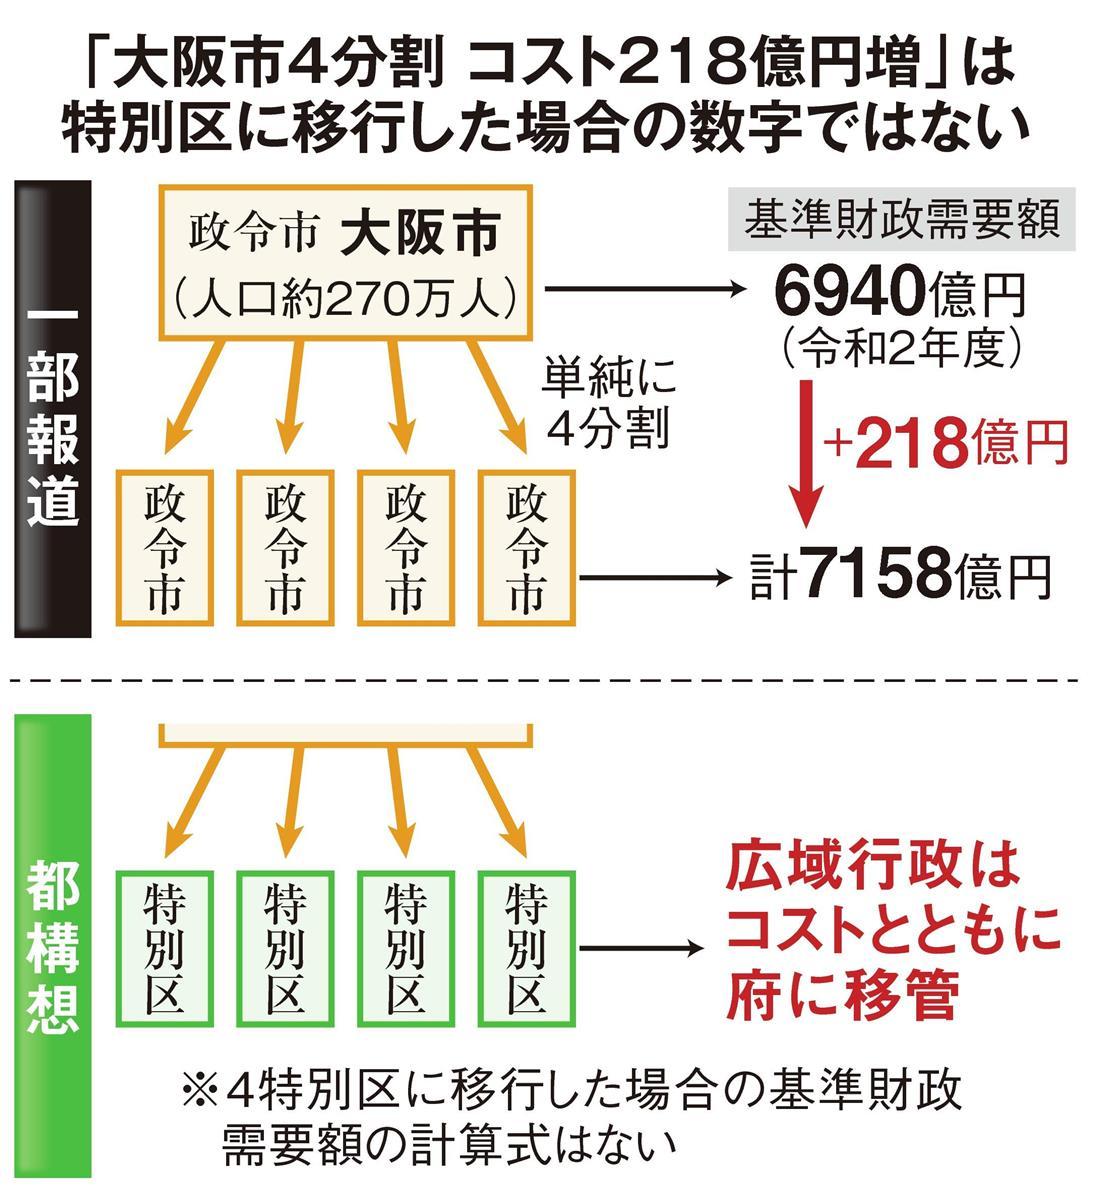 「大阪市4分割で218億円コスト増」報道に市「誤解生じる」